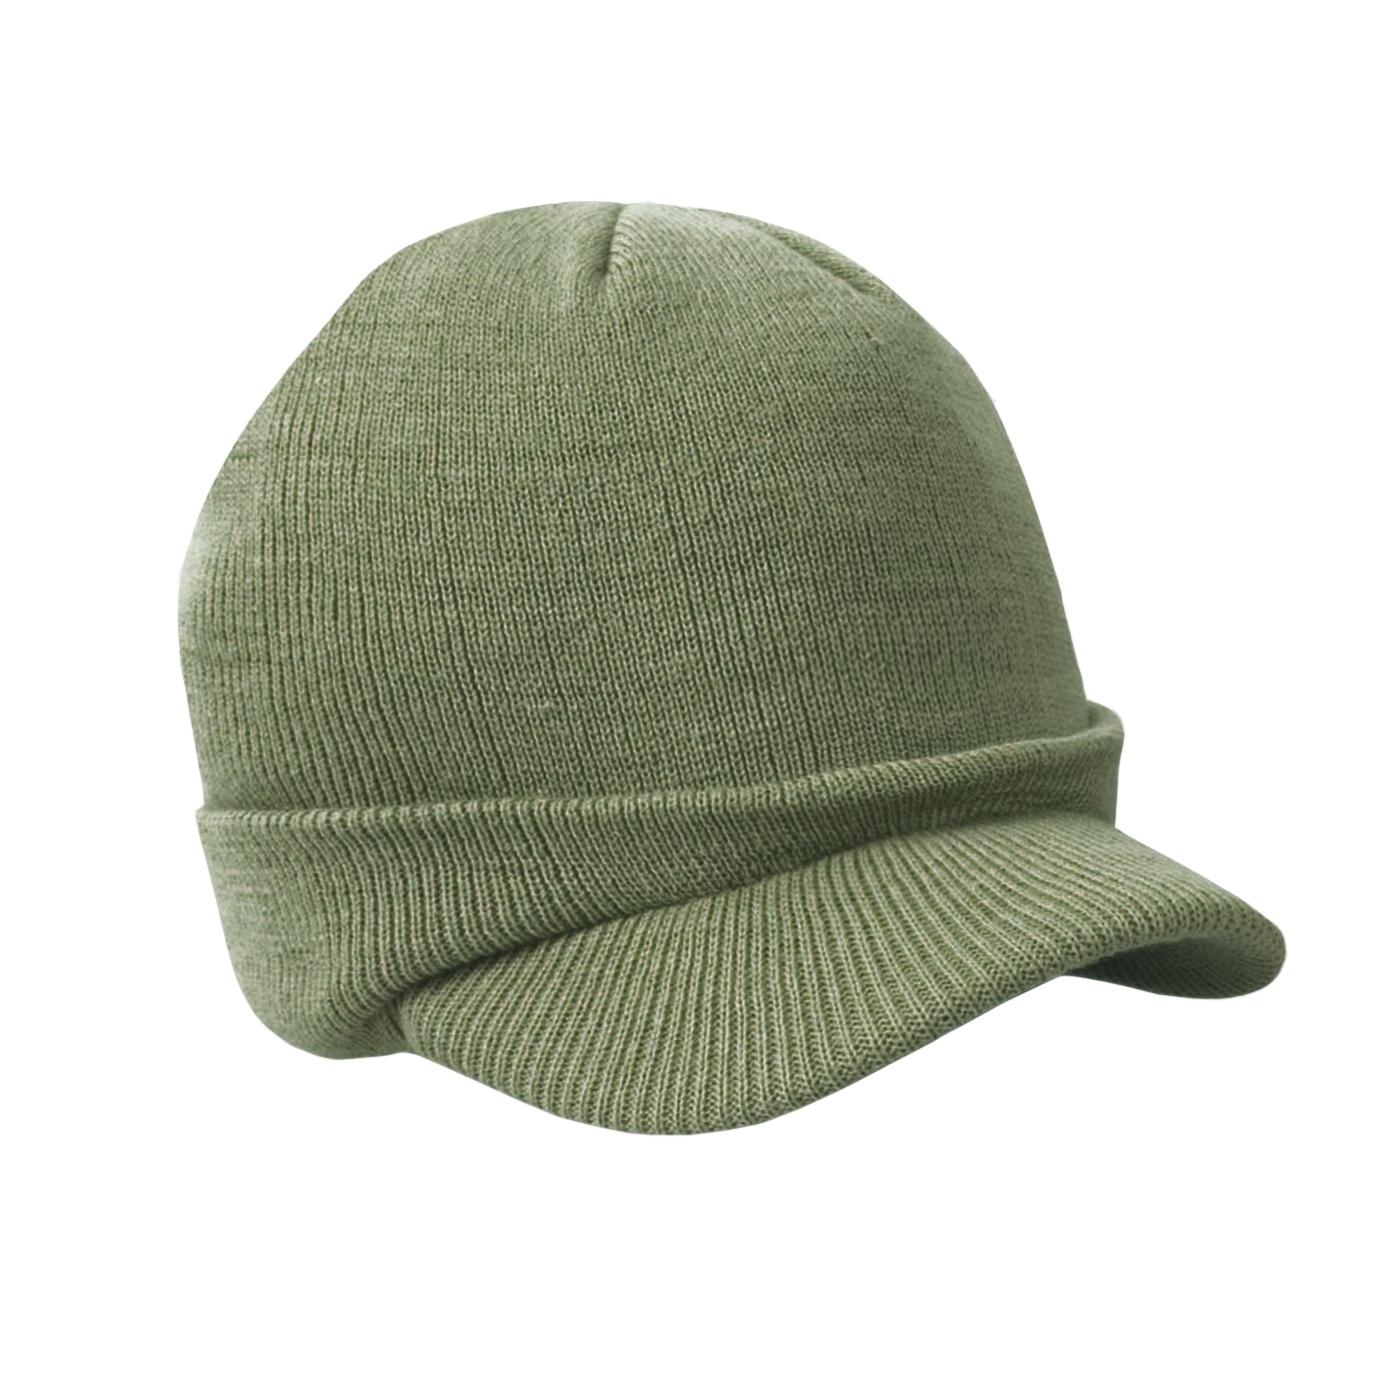 Męska czapka zimowa z daszkiem fullcap – oliwkowa z wywinięciem